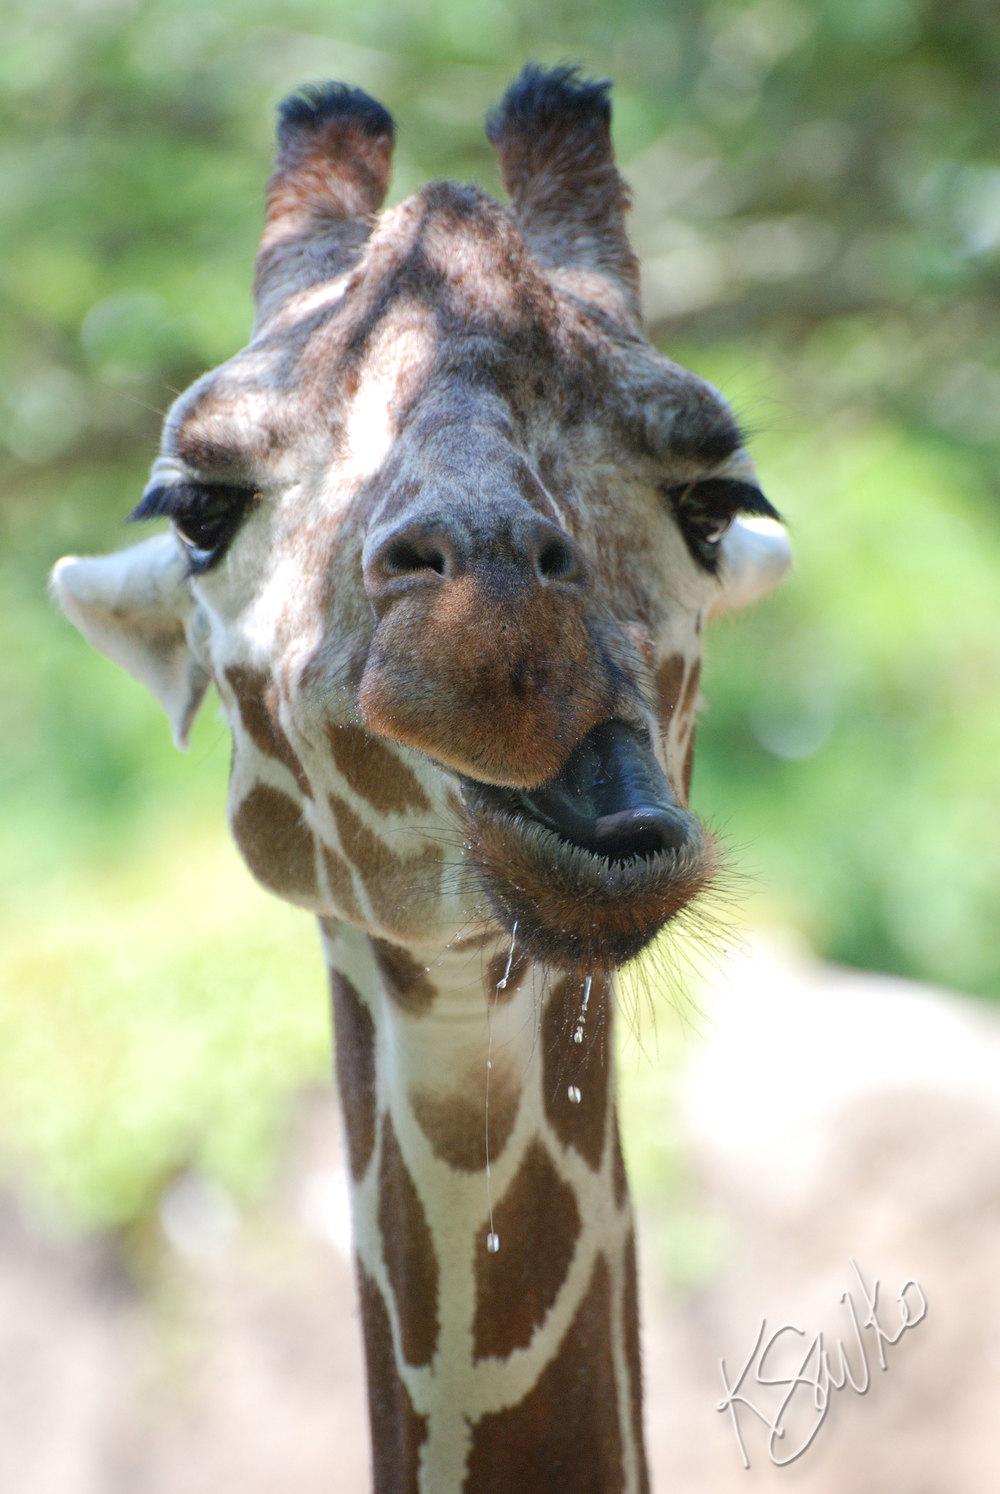 savko_giraffe.jpg